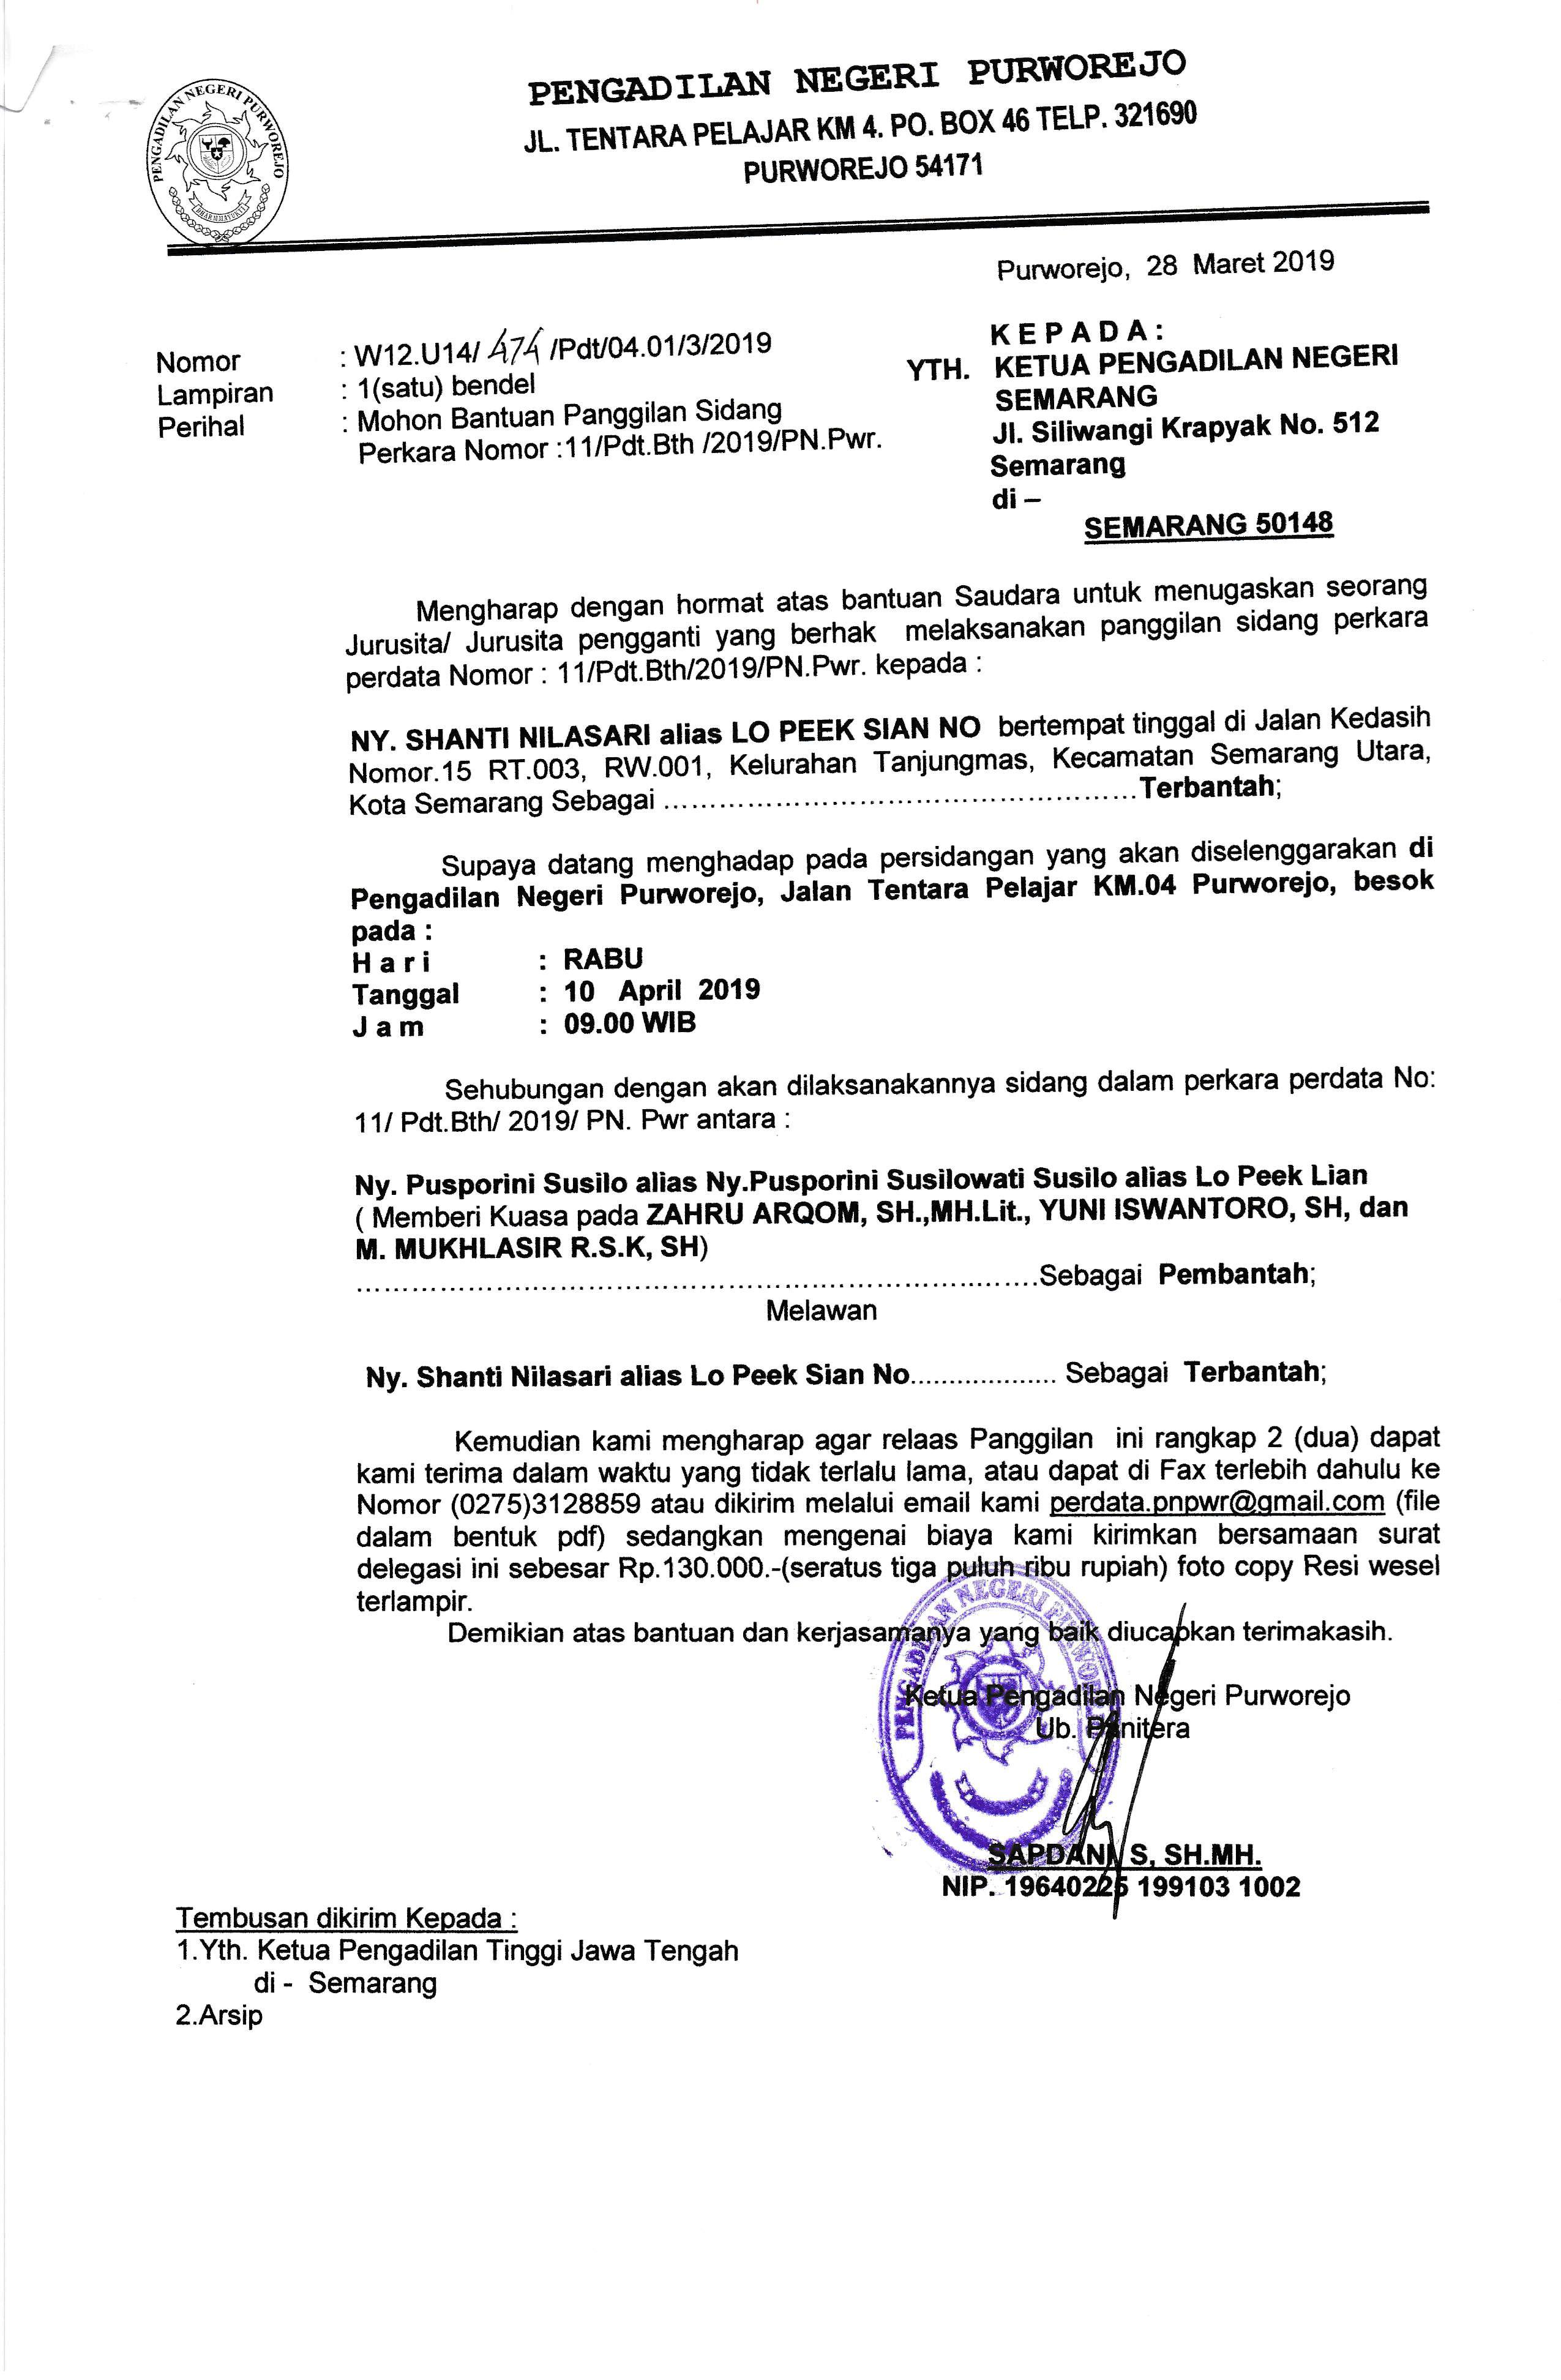 Relaas Panggilan Kepada Ny. Shanti Nilasari alias Lo Peek Sian No